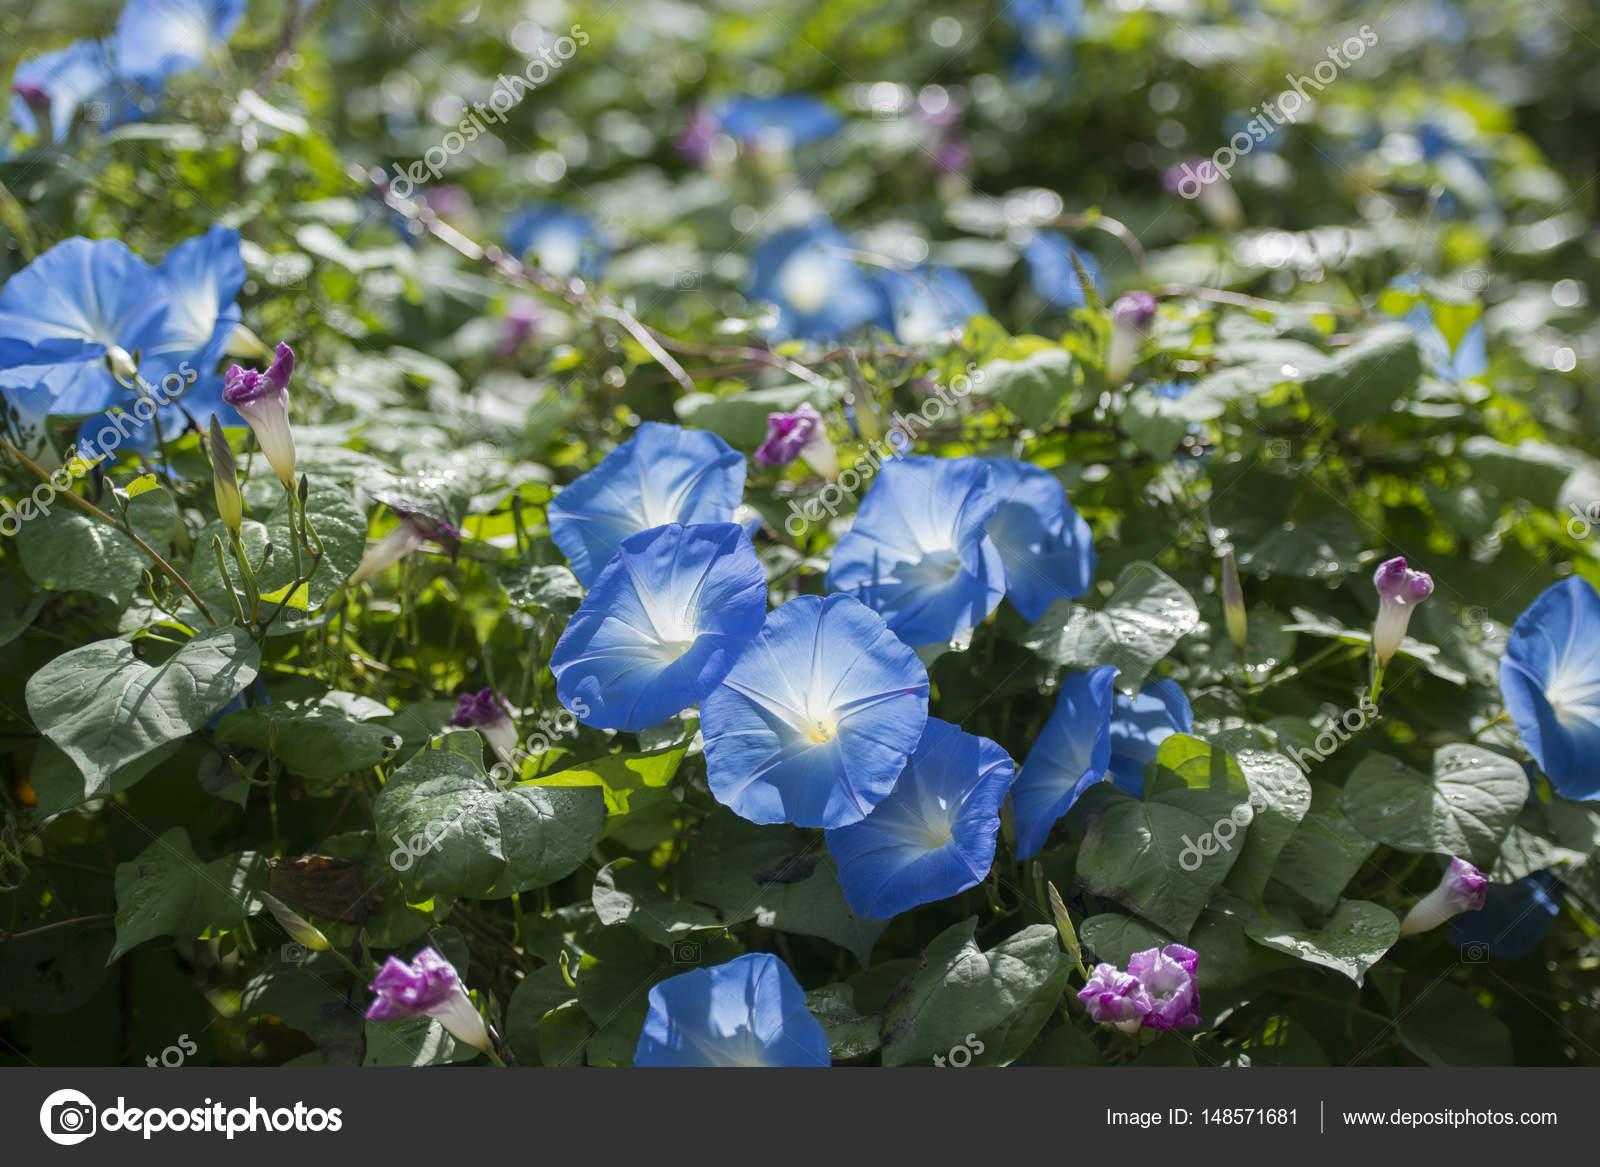 Schöne Blumen Im Garten Stockfoto Urf 148571681